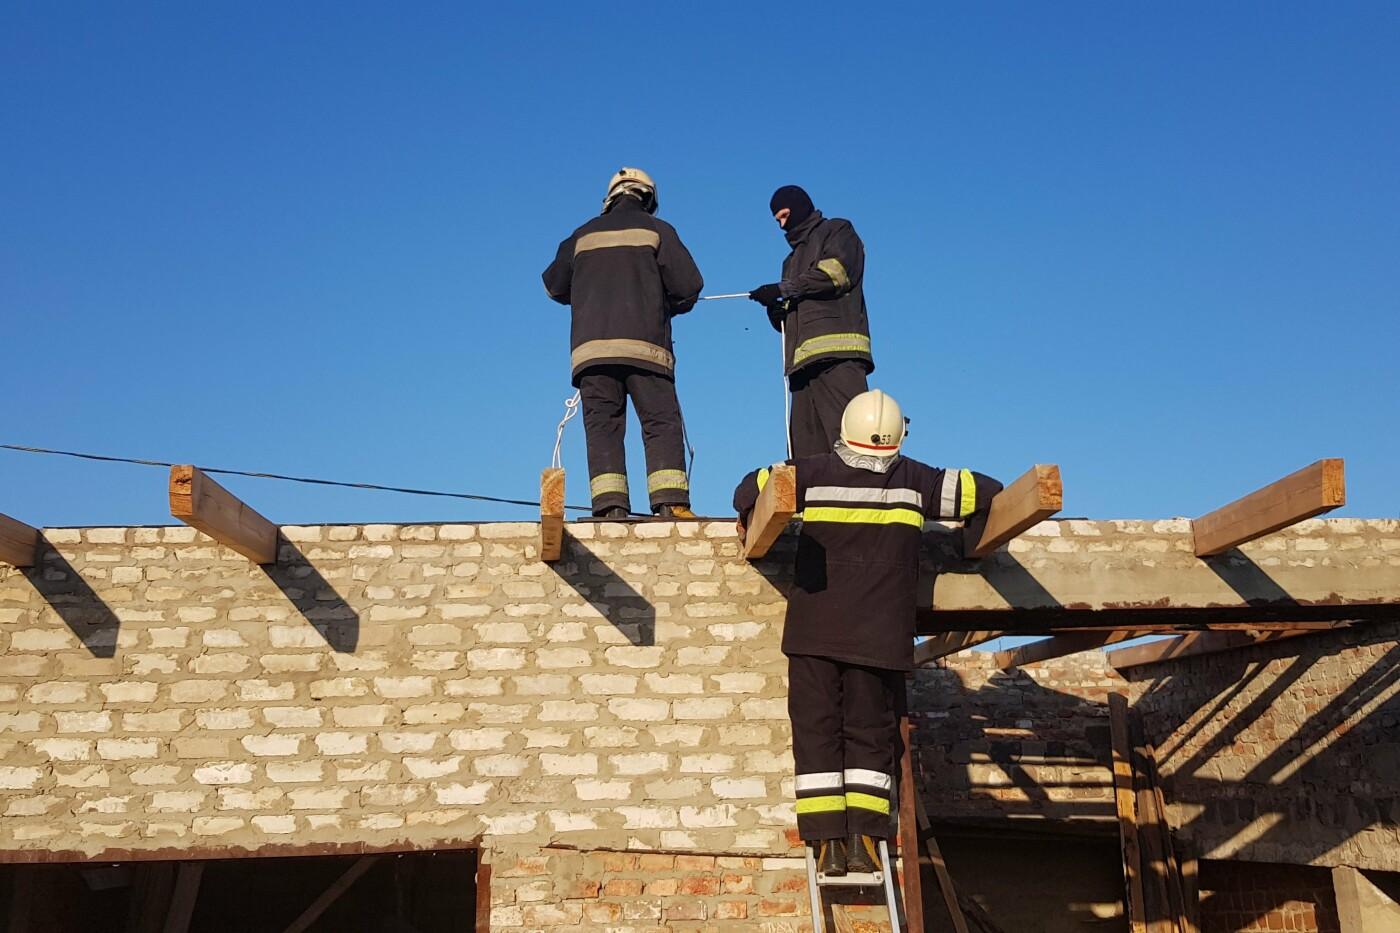 Занимался ремонтом: под Харьковом на крыше гаража нашли труп мужчины, - ФОТО, фото-2